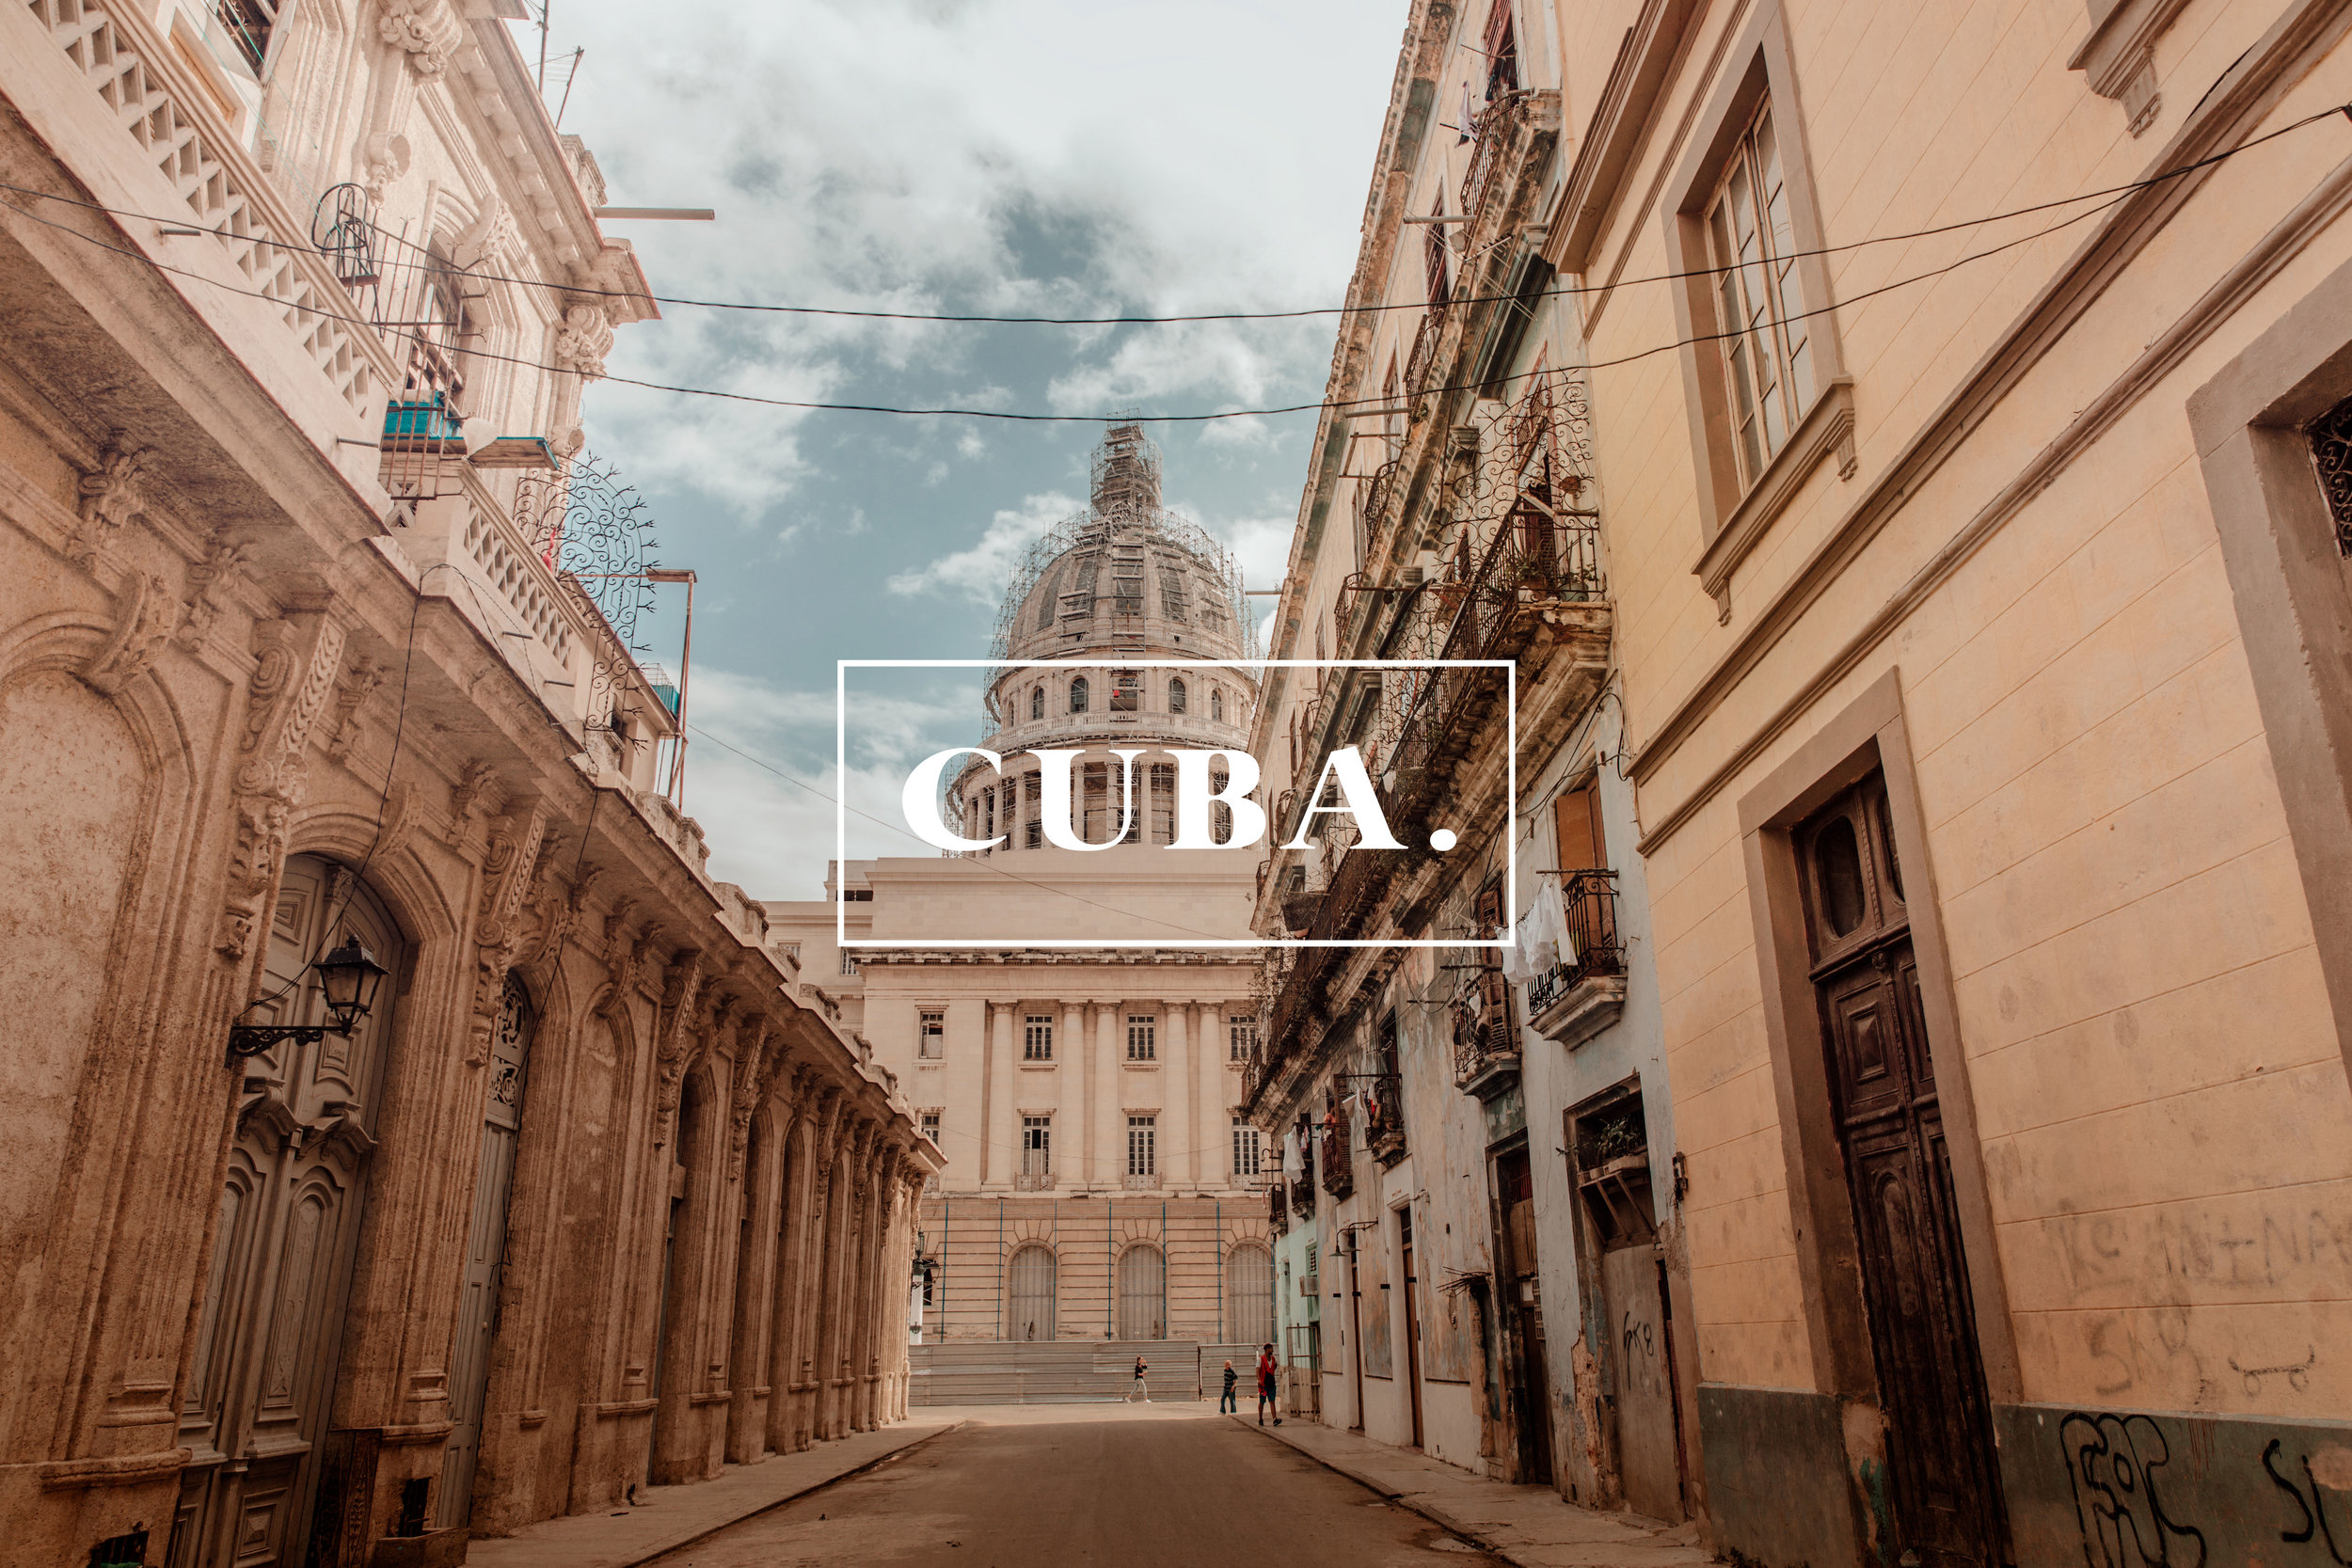 Cuba-Button.jpg